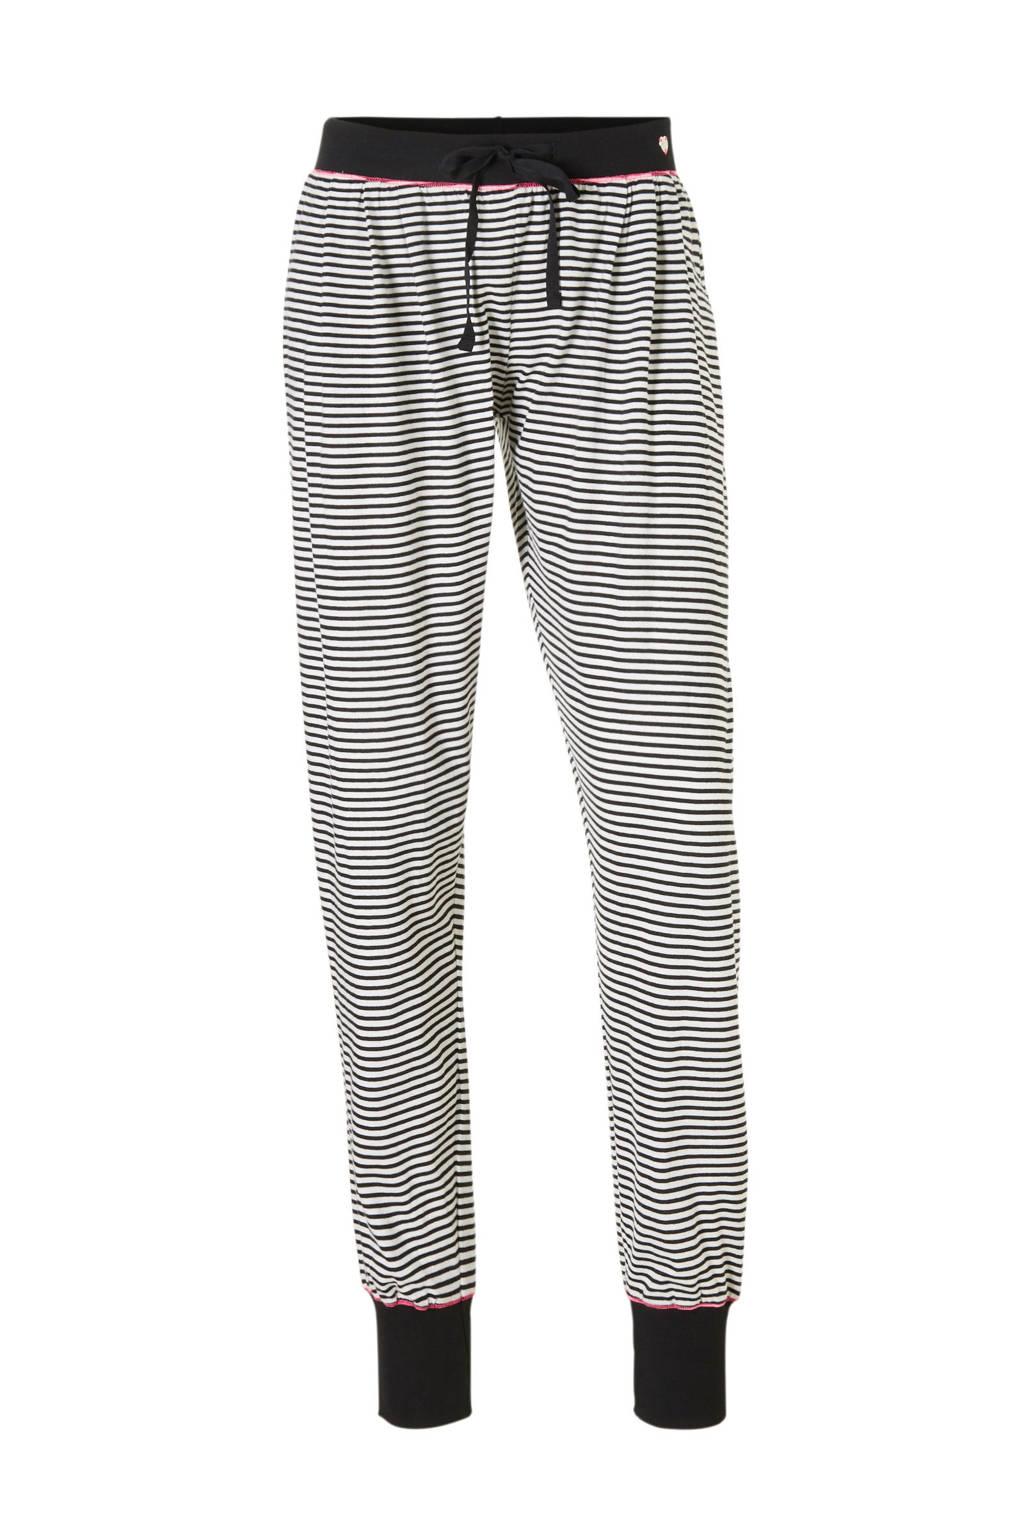 ESPRIT Women Bodywear pyjamabroek met streep, Zwart/wit